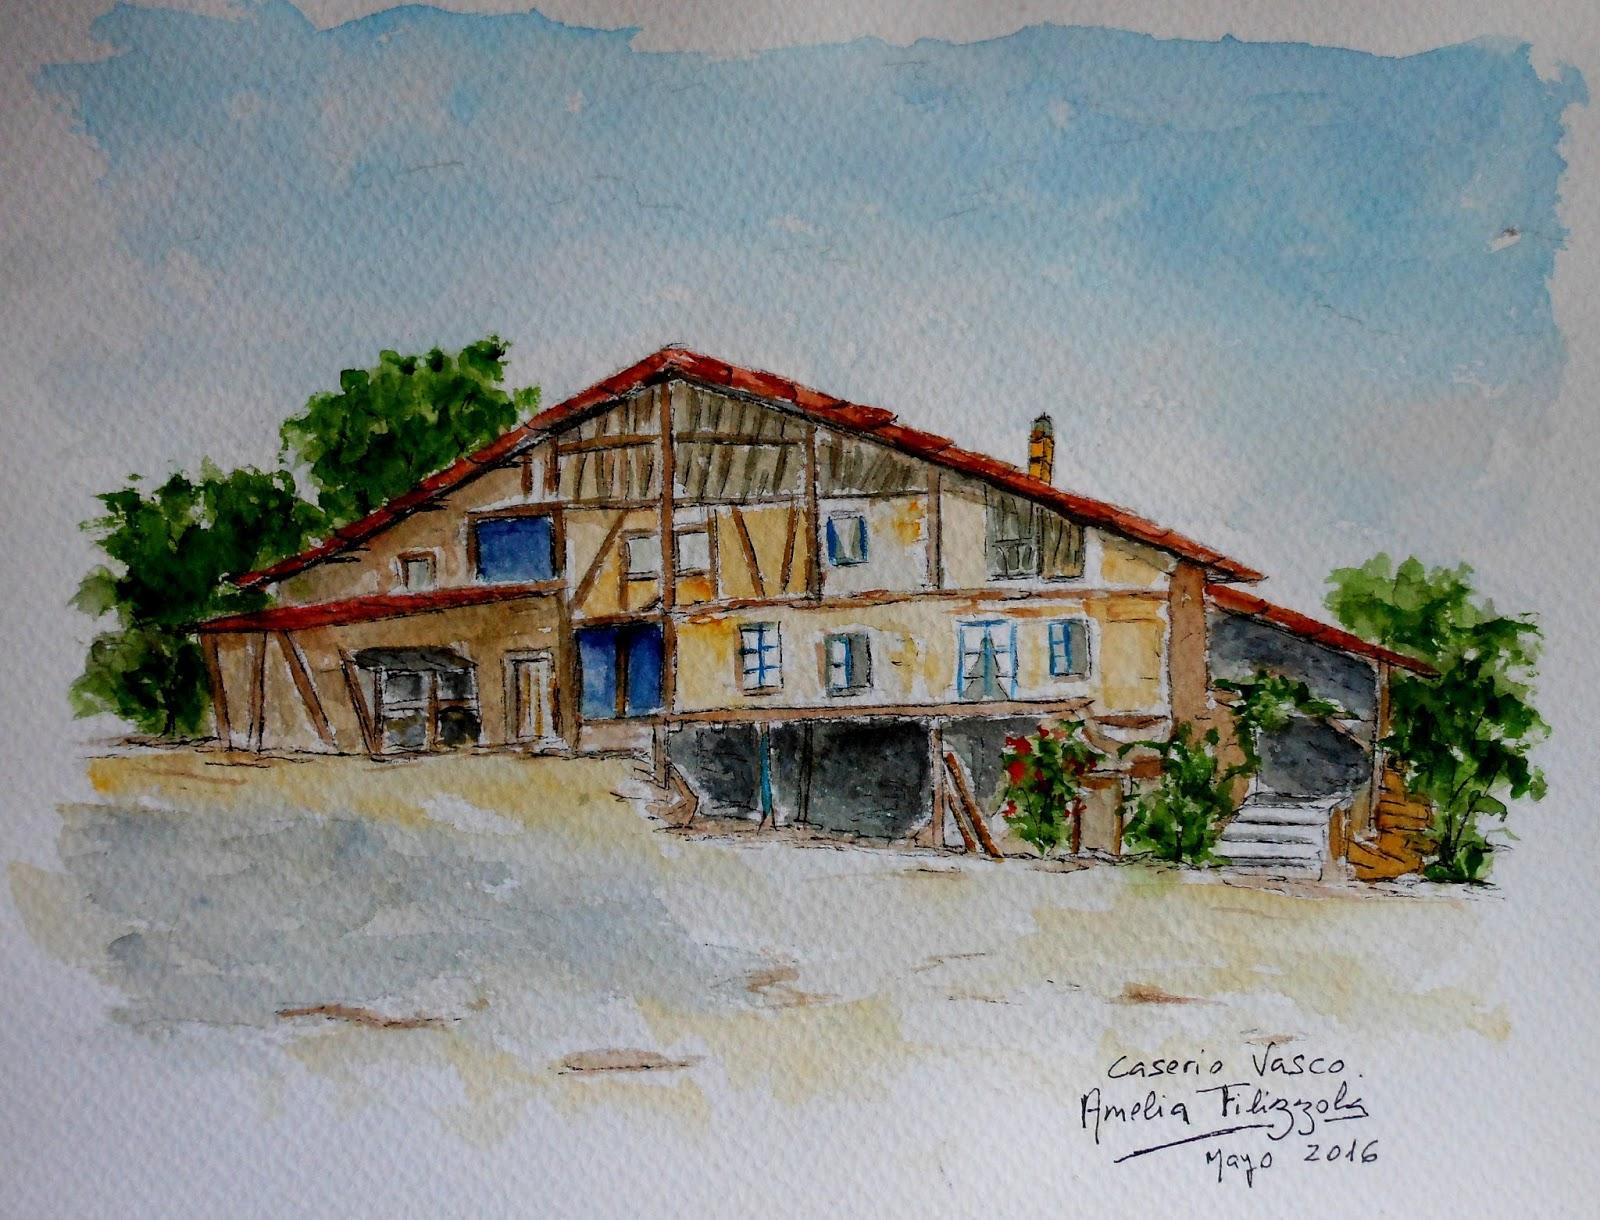 Amelia filizzola dibujos caserio vasco en guipuzcoa - Caserios pais vasco ...